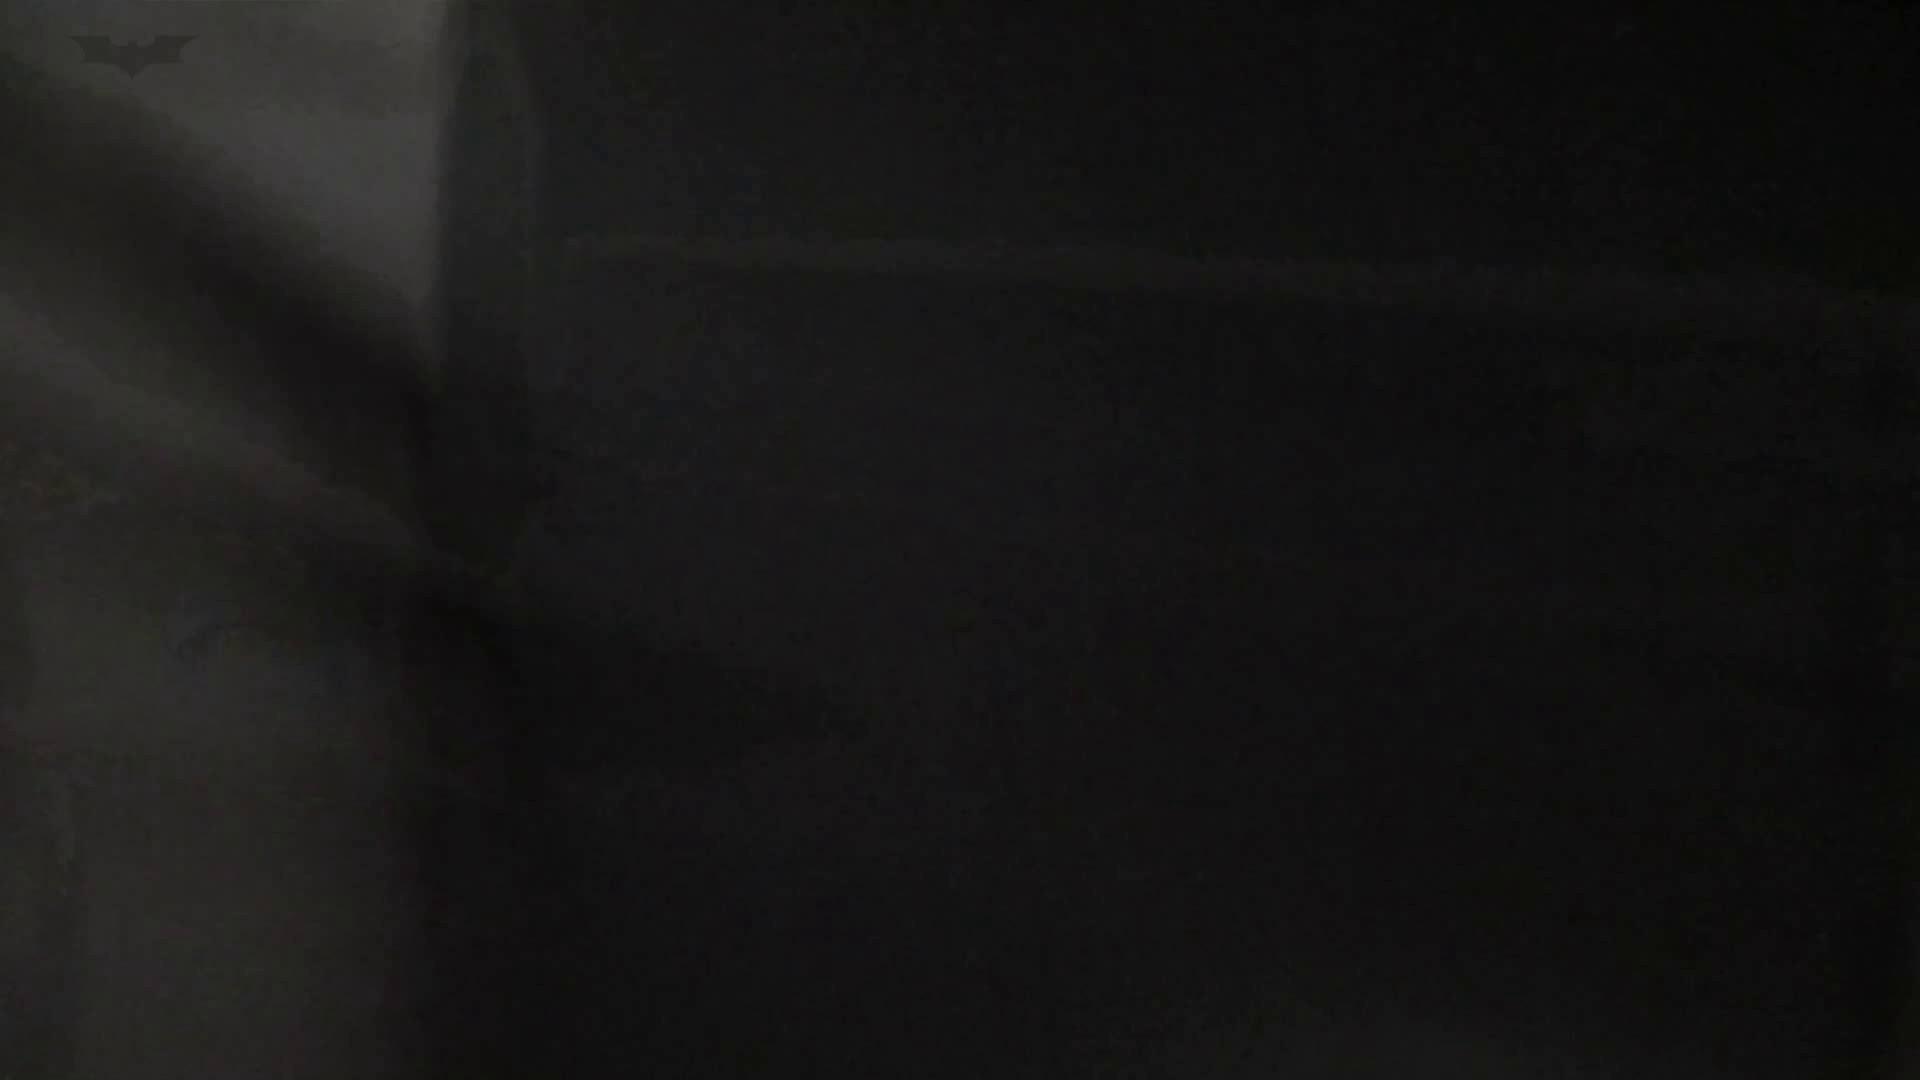 なんだこれVol.12 美魔女登場、 HD万歳!! 違いが判る映像美!! エロくん潜入 おまんこ無修正動画無料 102連発 77